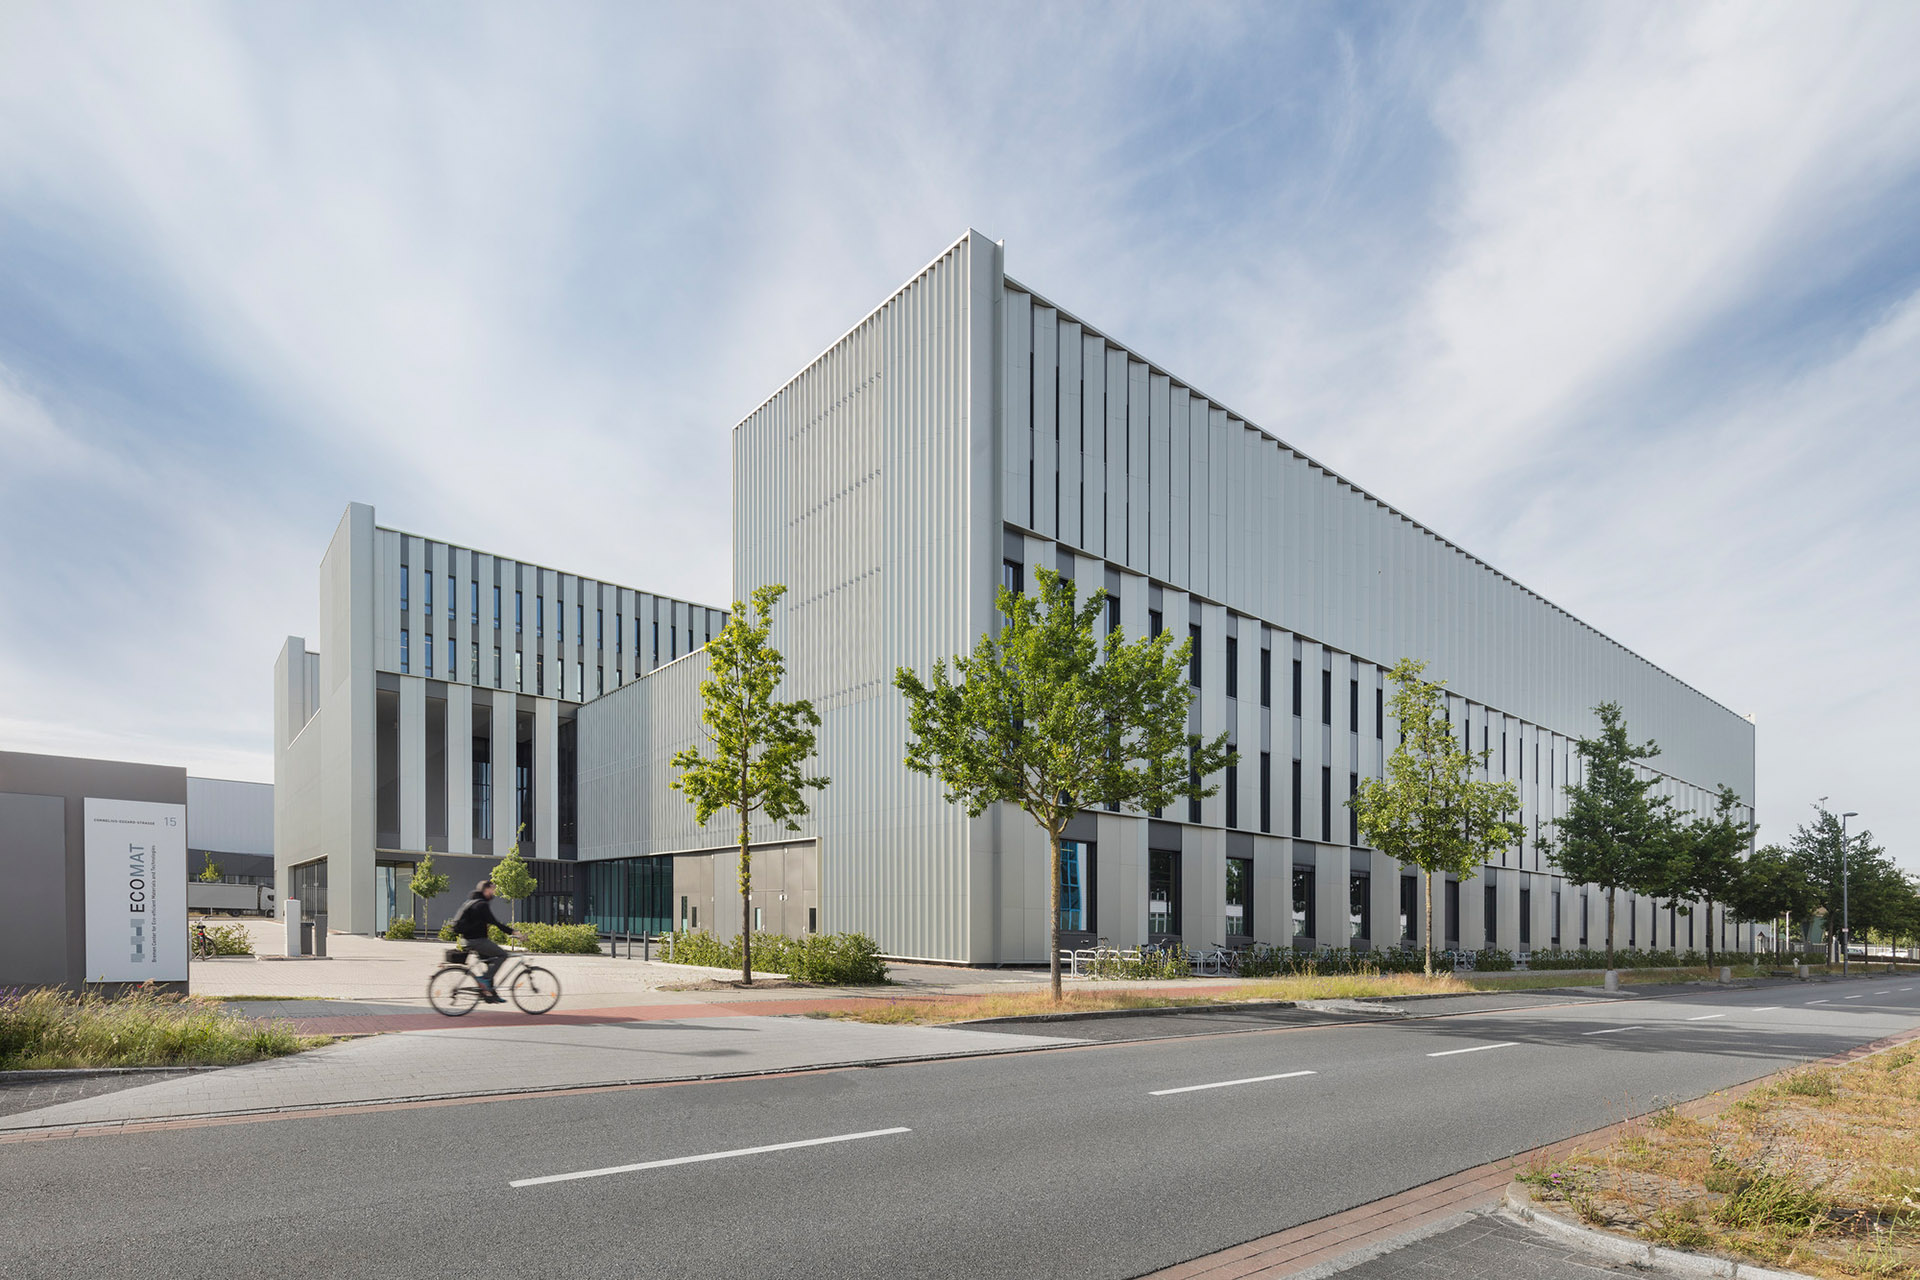 Das Gebäude des Ecomat-Center